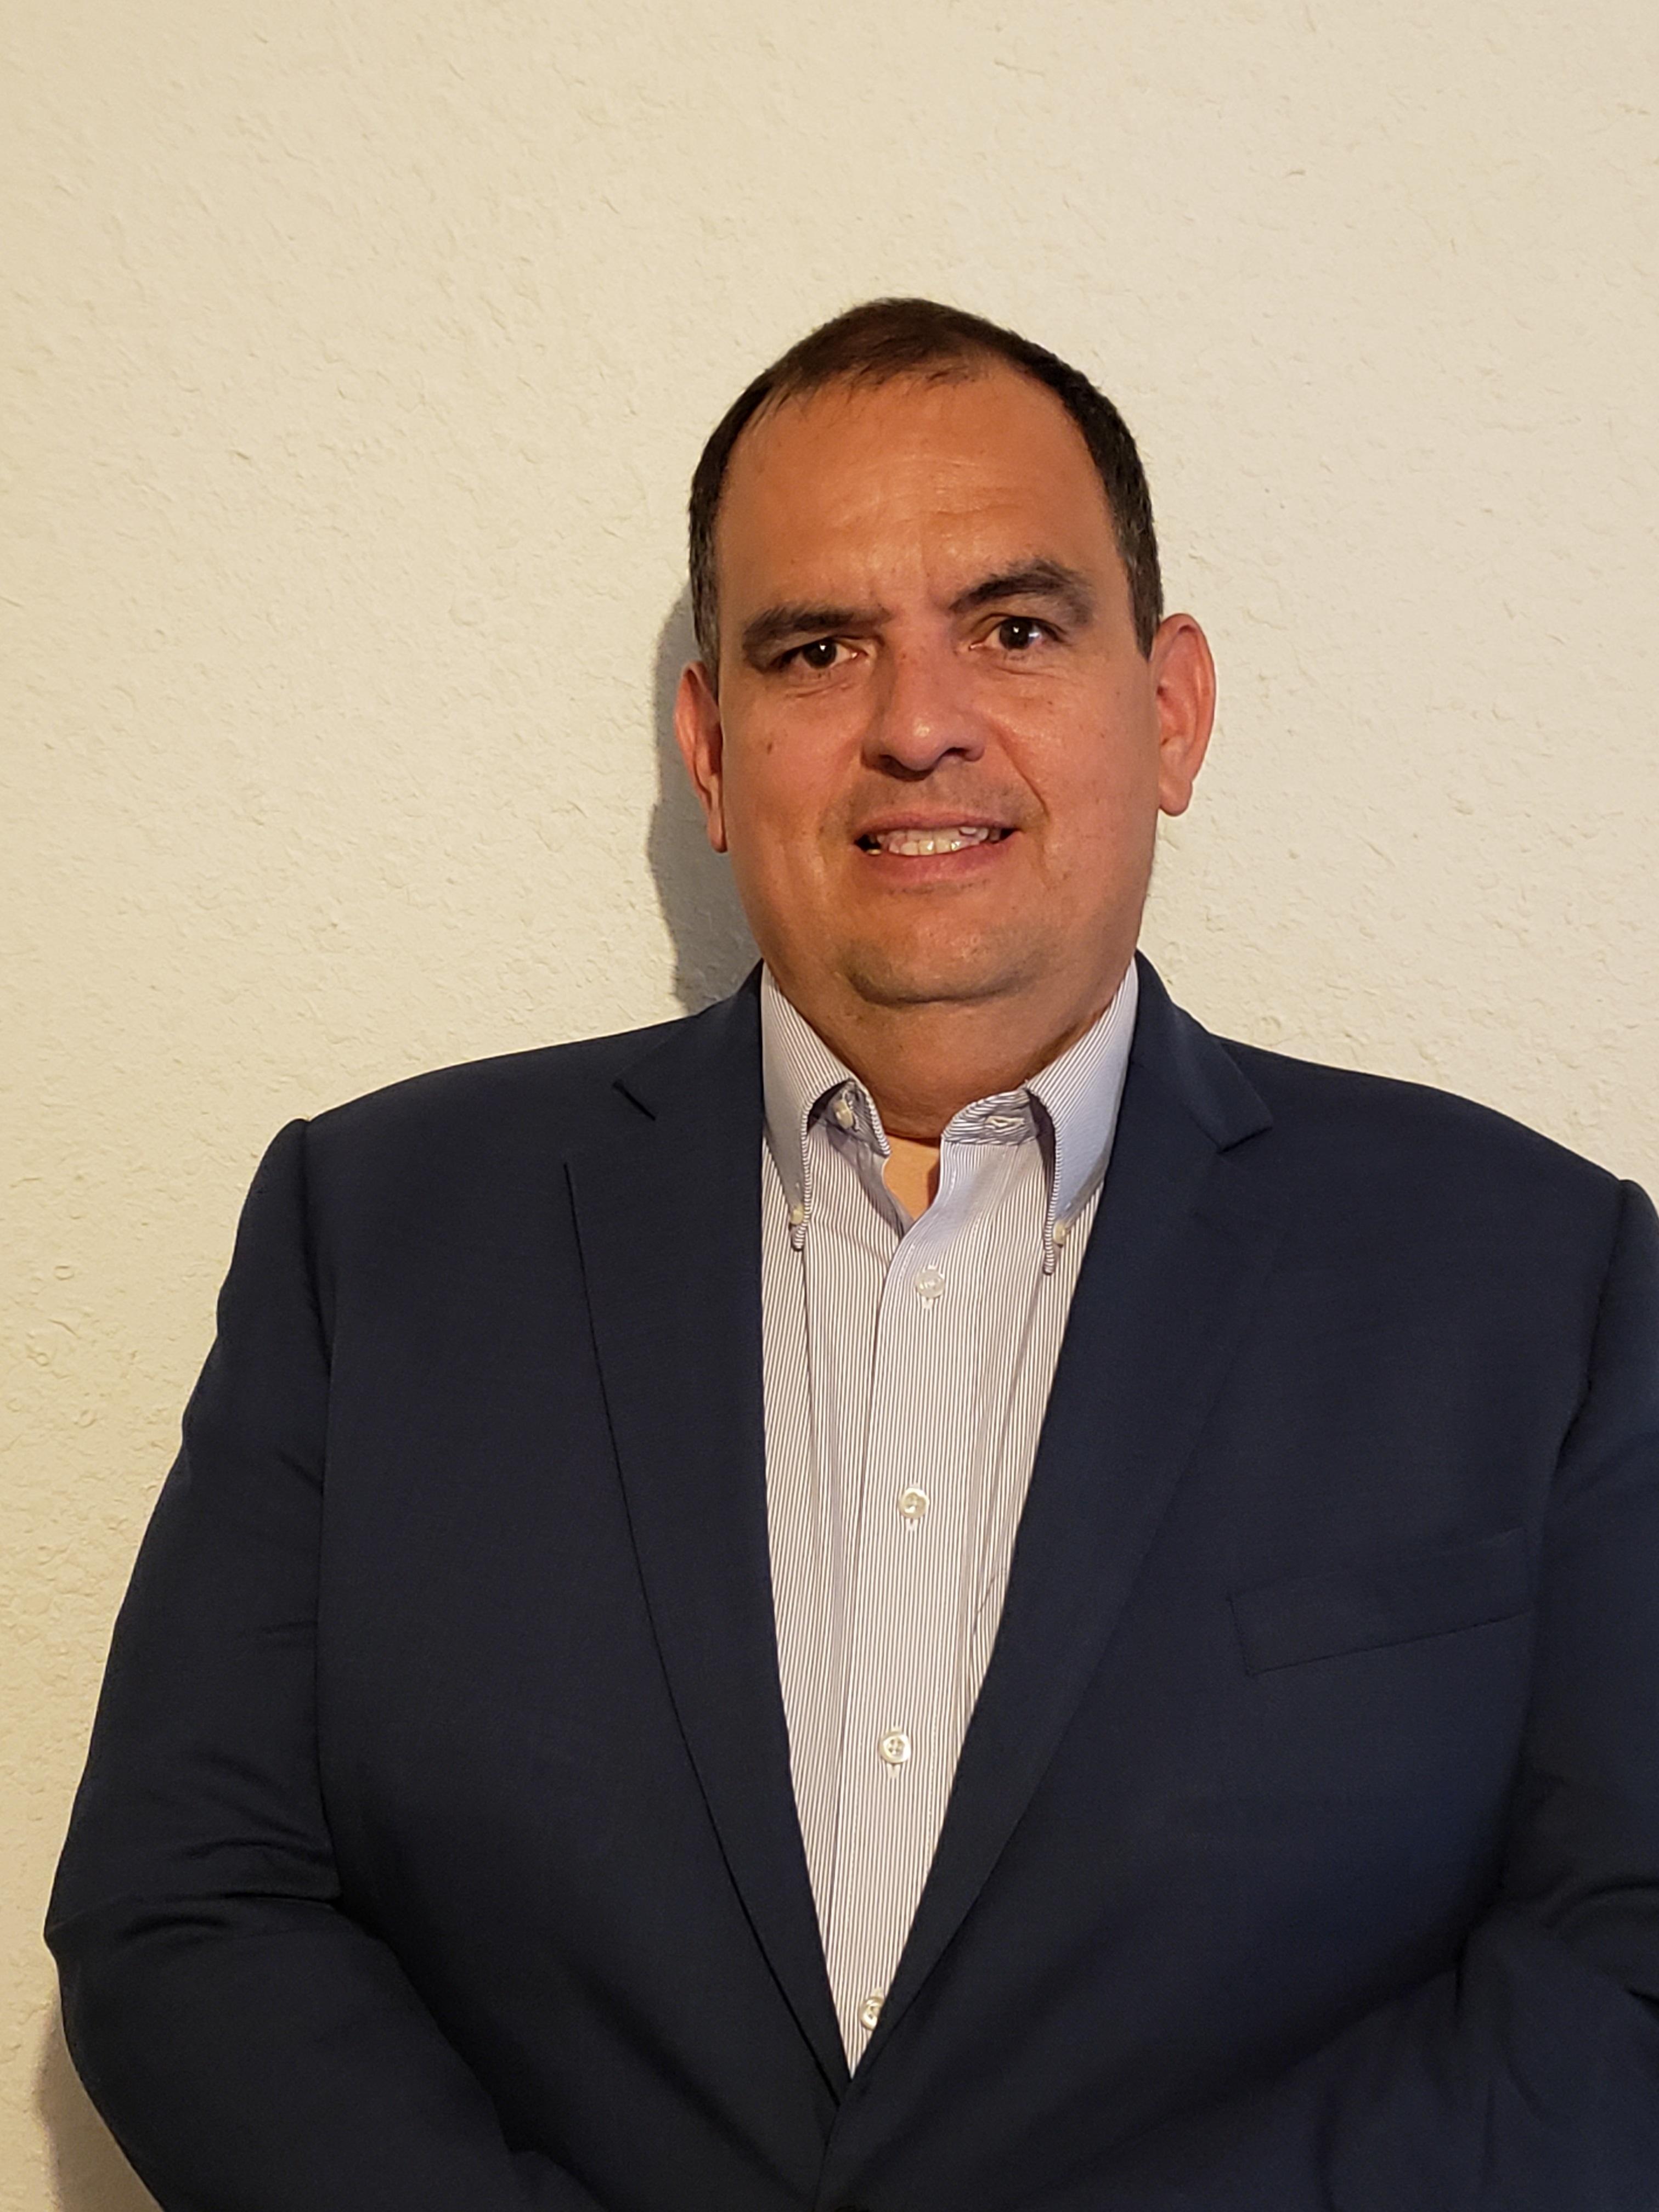 Joseph Ruiz Headshot